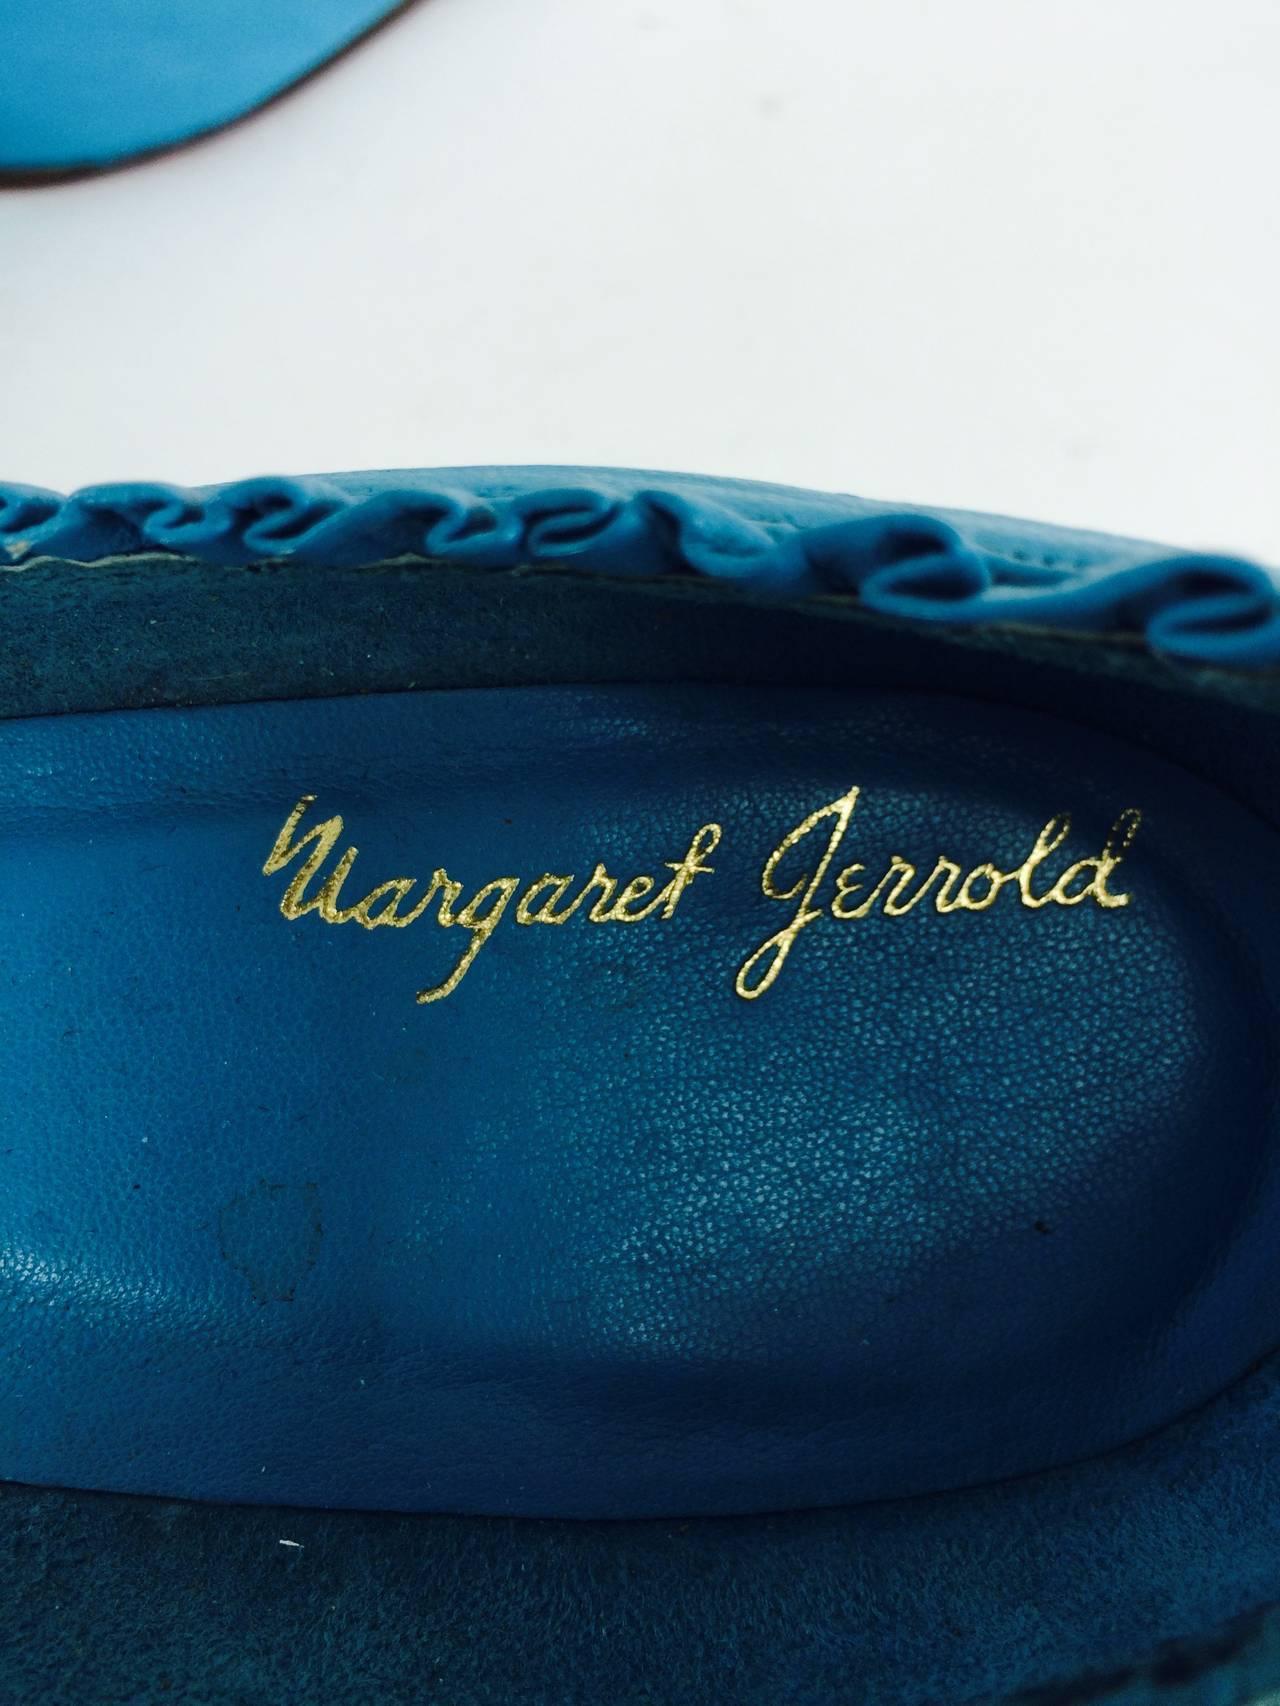 Margaret Jerrold turquoise Louis heel pumps  8 1/2 N unworn 1960s 6